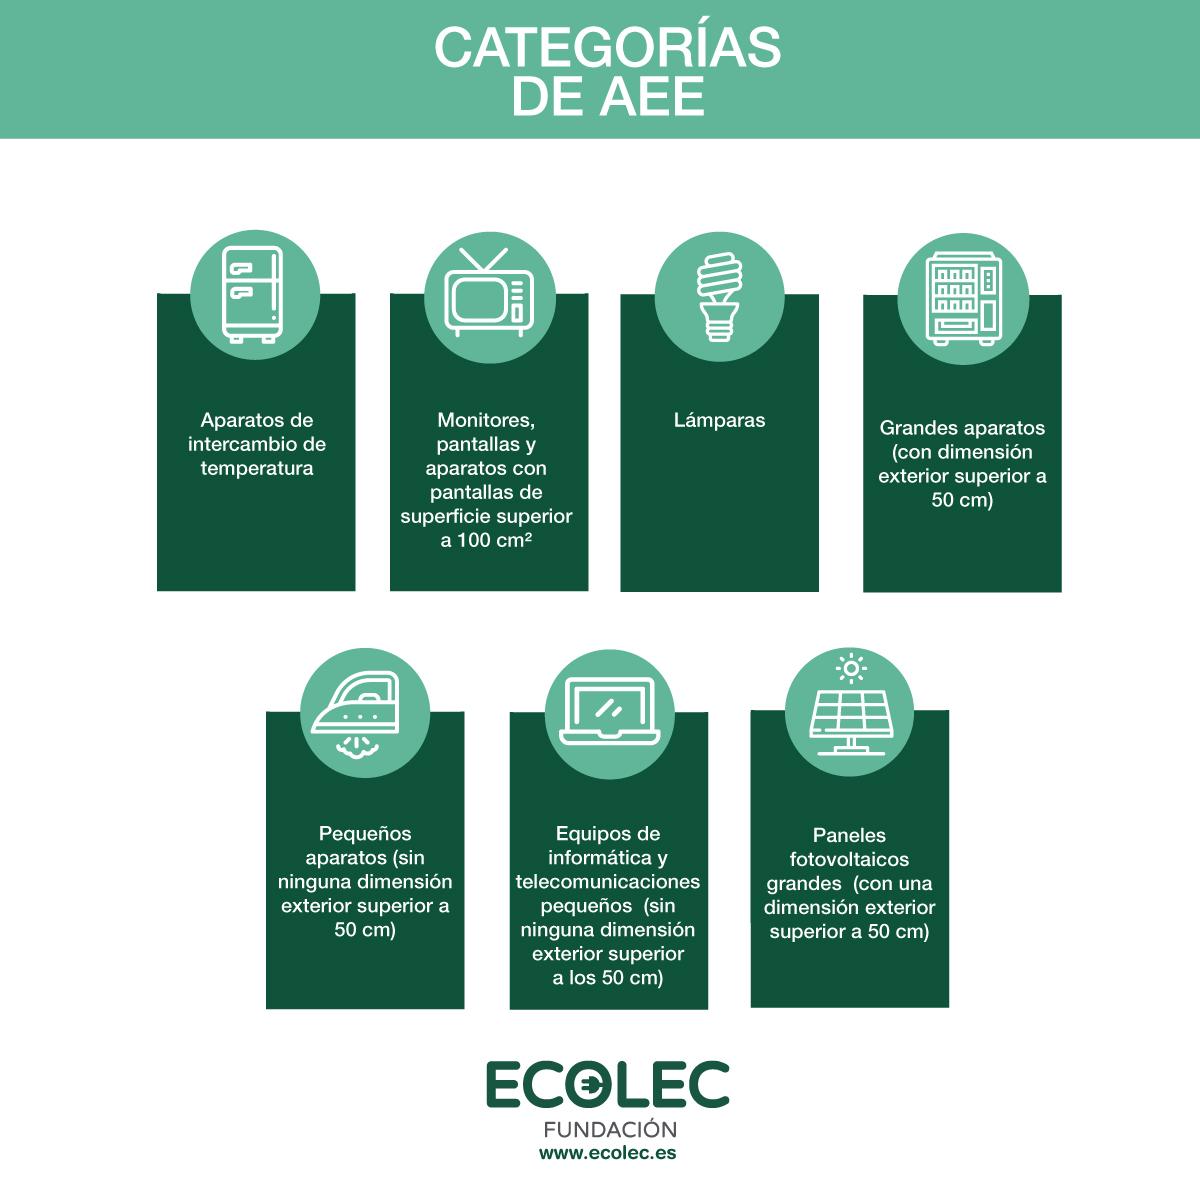 Infografía Categorías AEE a partir del 15 de agosto de 2018